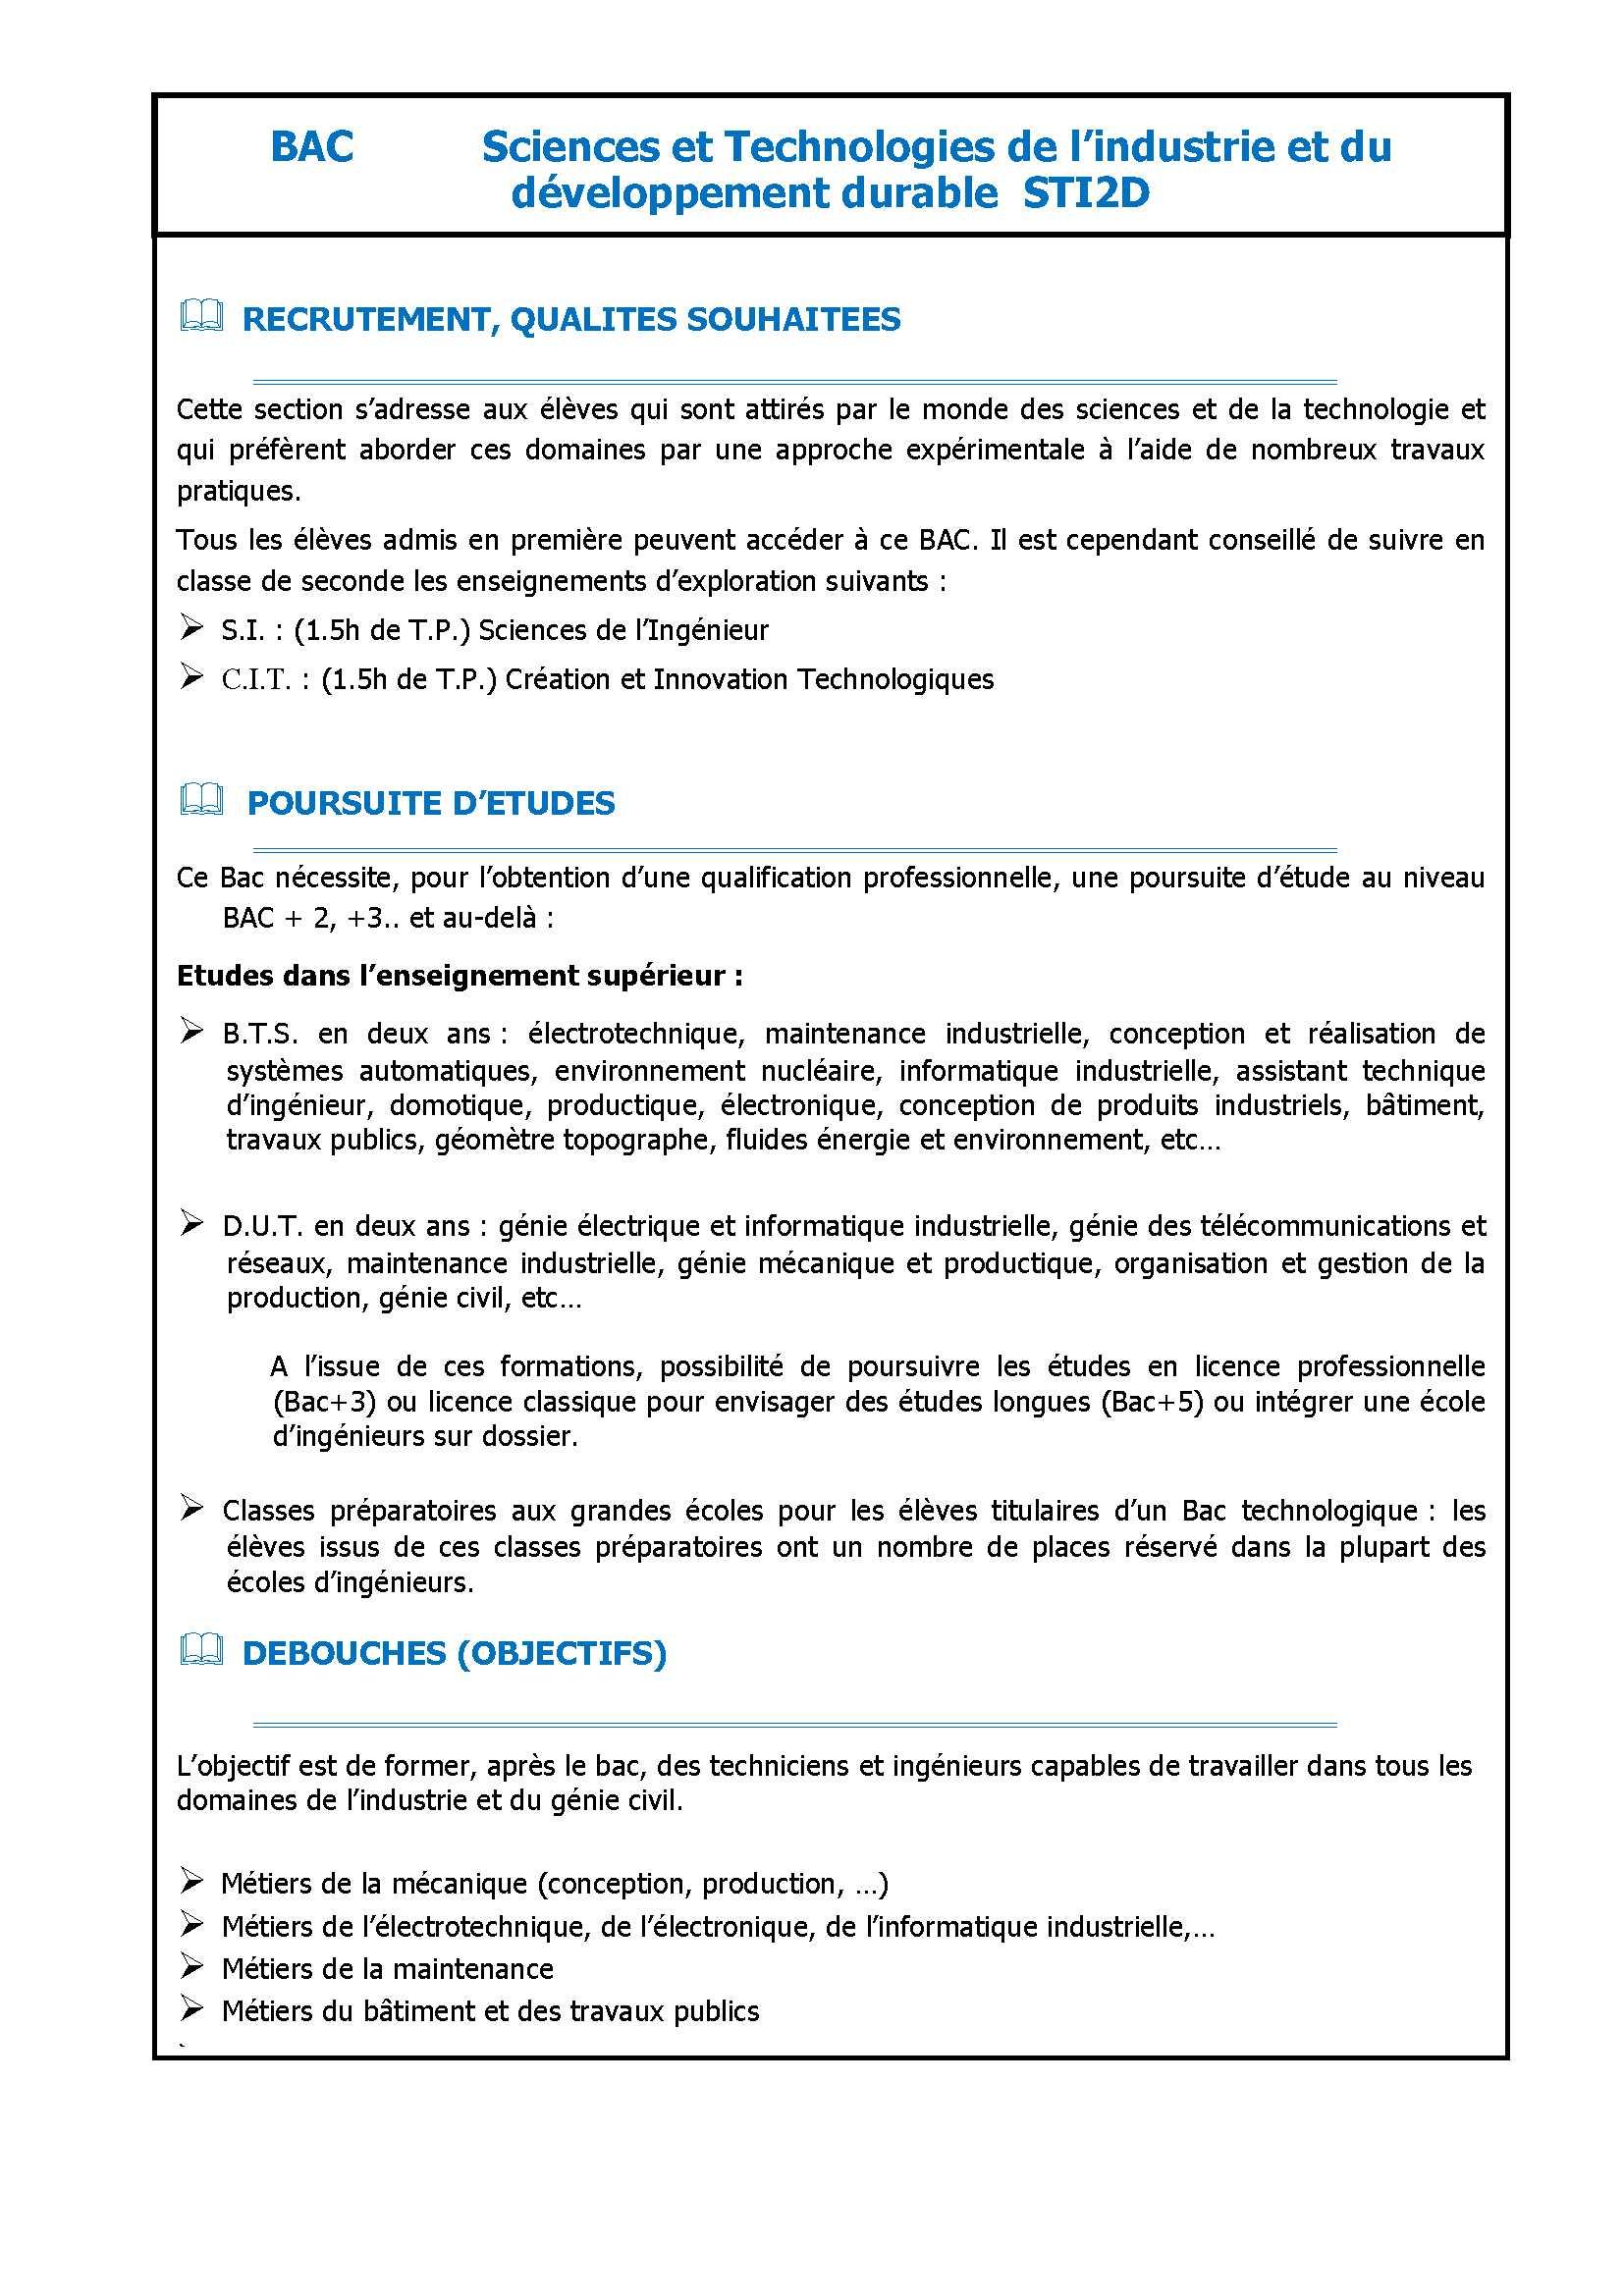 Bac Sciences Et Technologies De Lindustrie Et Du Développement